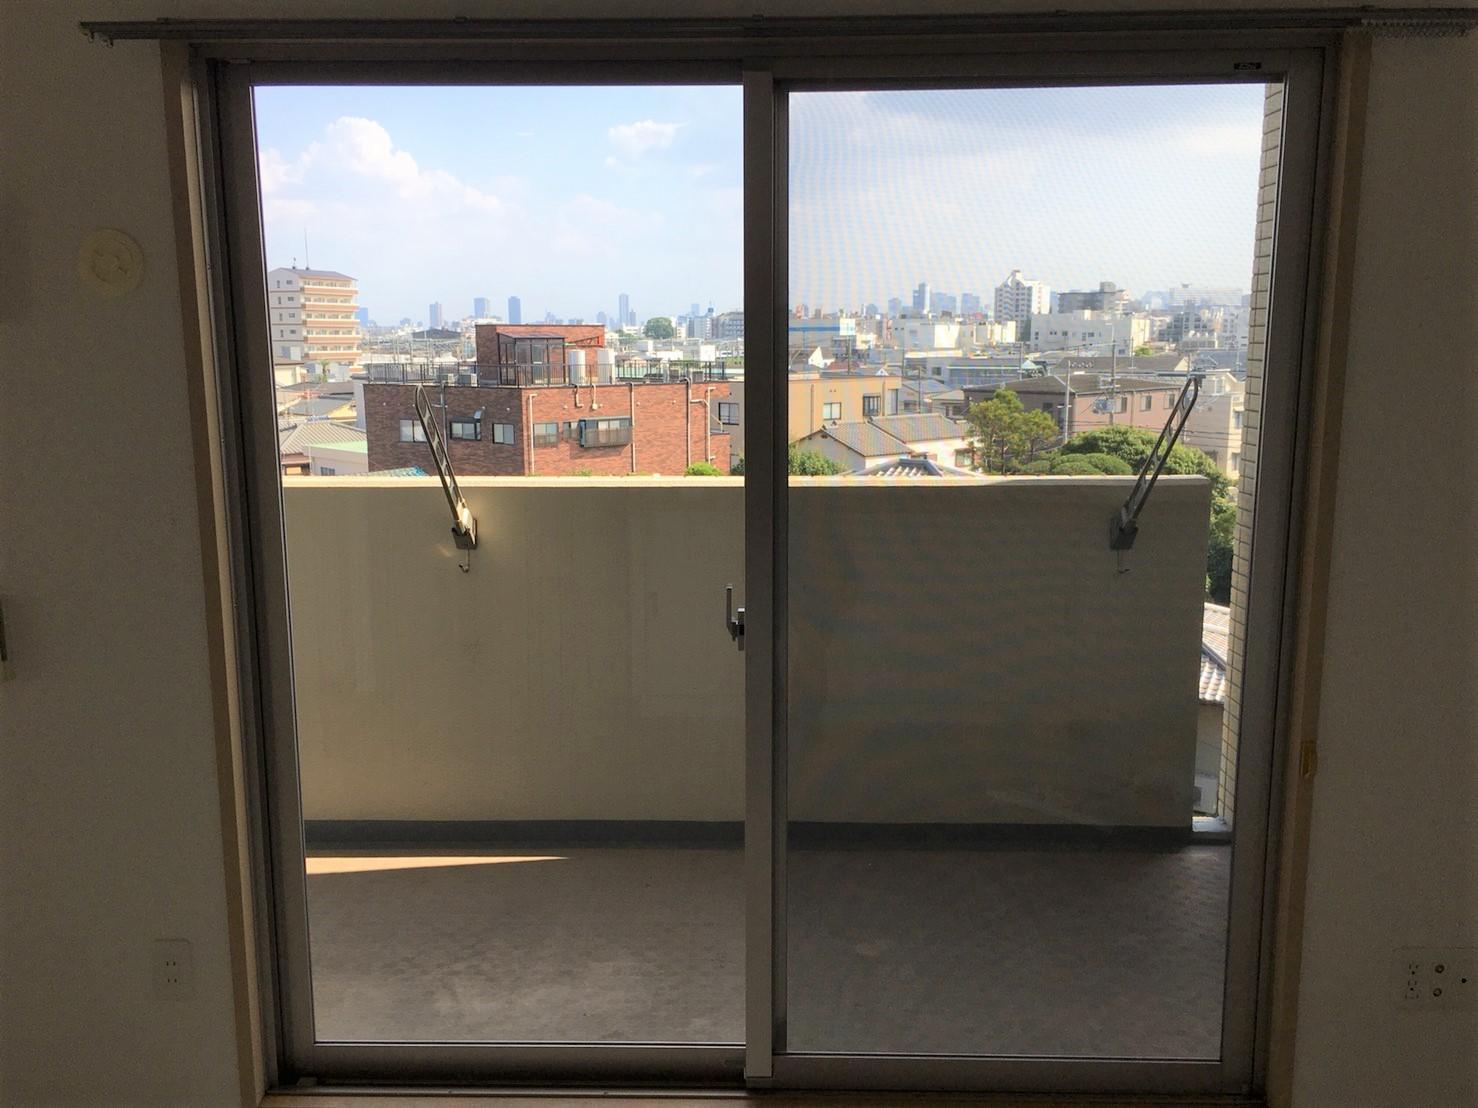 """ハウスクリーニングは伊丹市・川西市・宝塚市 """"窓ガラス"""" プロの技術で綺麗な窓ガラスに!おそうじプラスにお任せください!"""